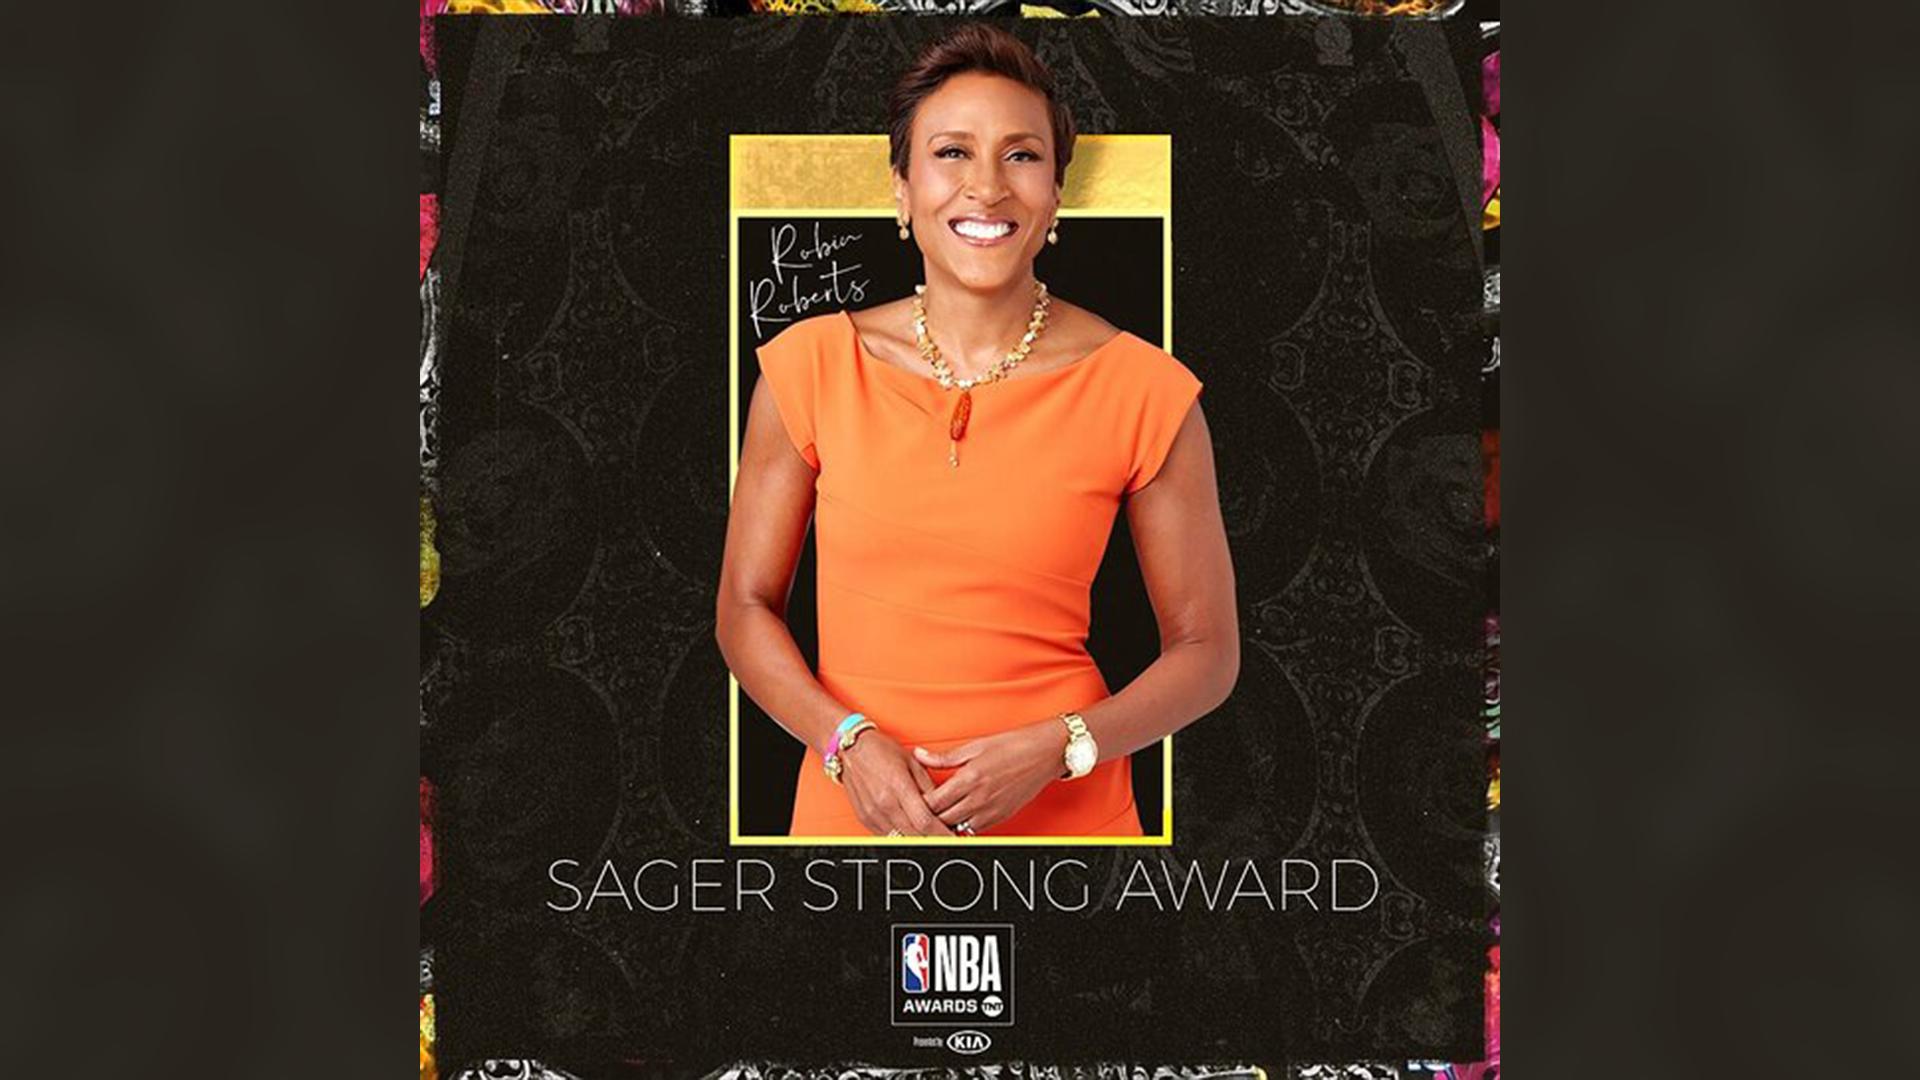 NBA Awards on TNT WarnerMedia 1920x1080